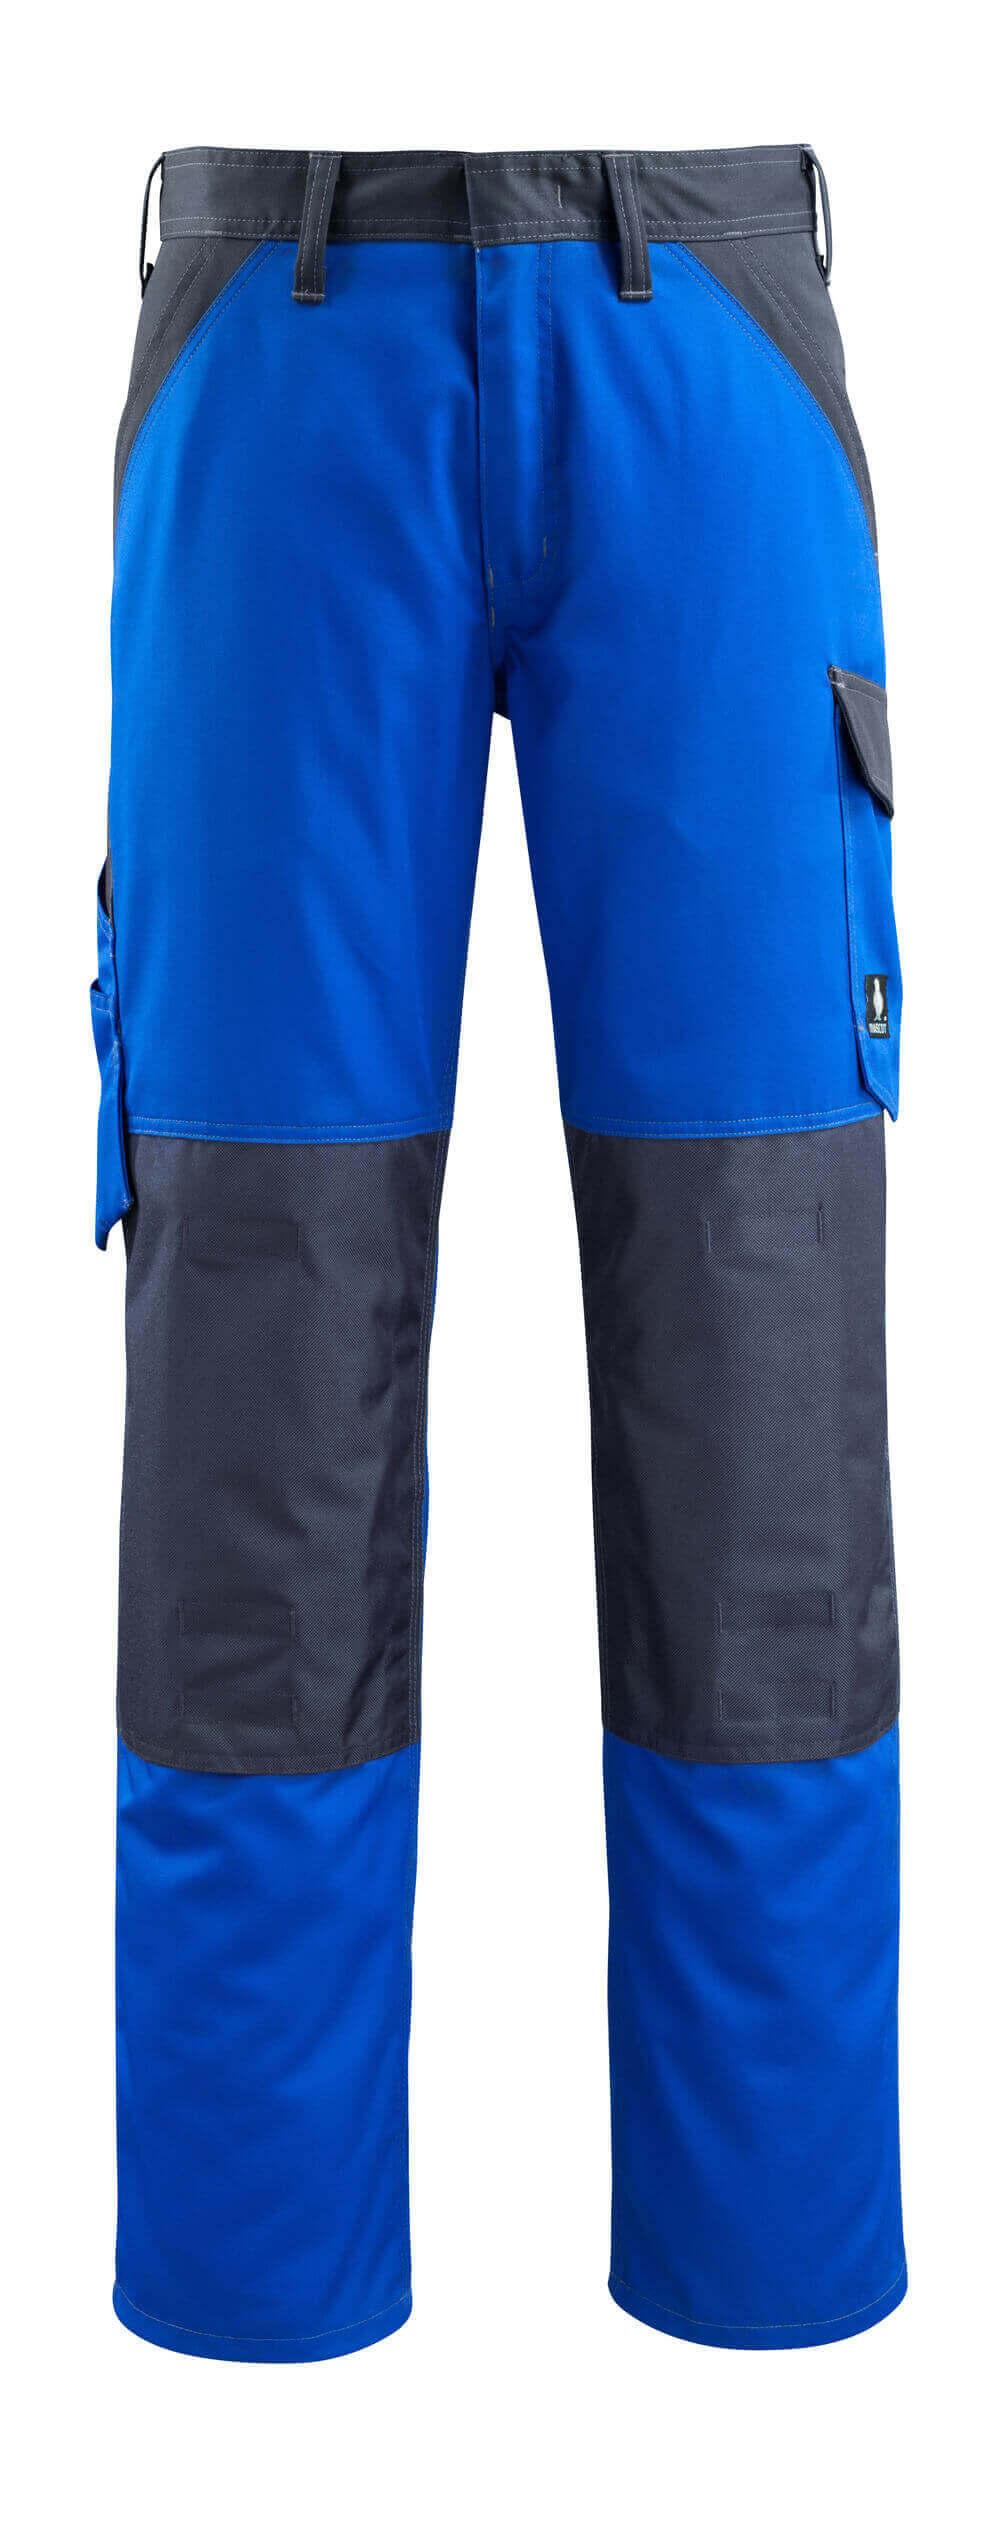 15779-330-11010 Hose mit Knietaschen - Kornblau/Schwarzblau